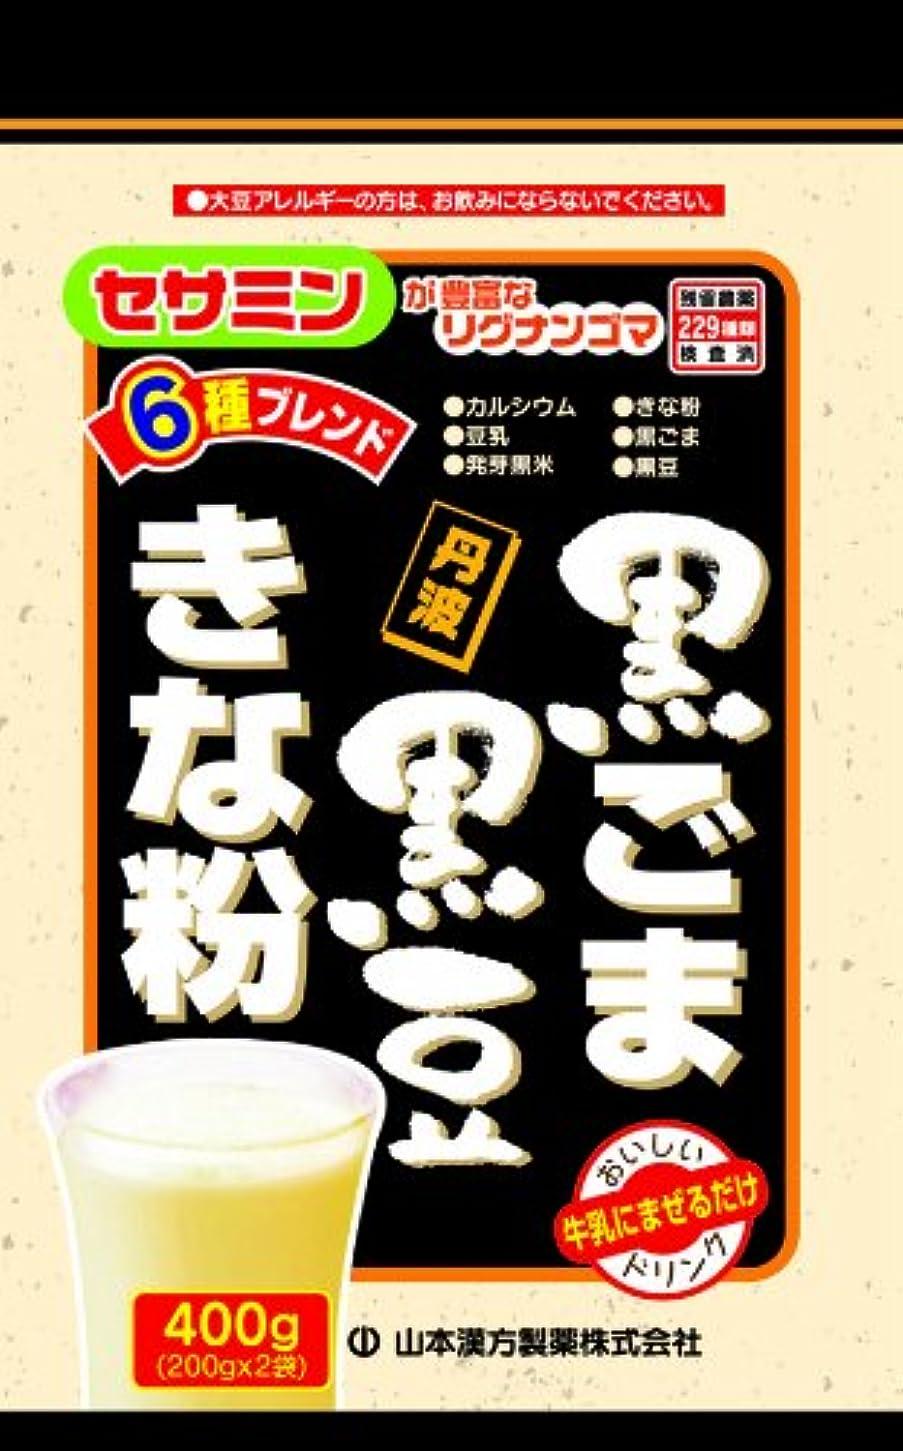 インスタンス熱心なみなす山本漢方製薬 黒ごま黒豆きな粉400g 400g